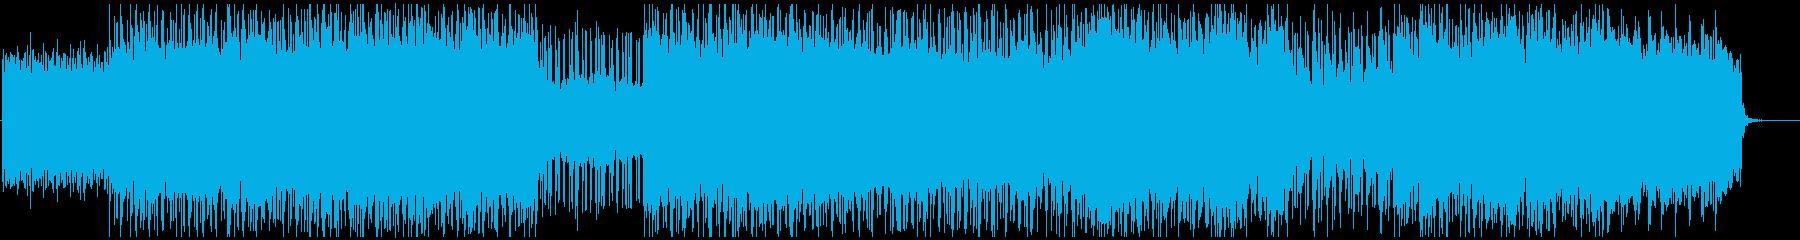 宇宙-IT-幻想的なエレクトロニカの再生済みの波形